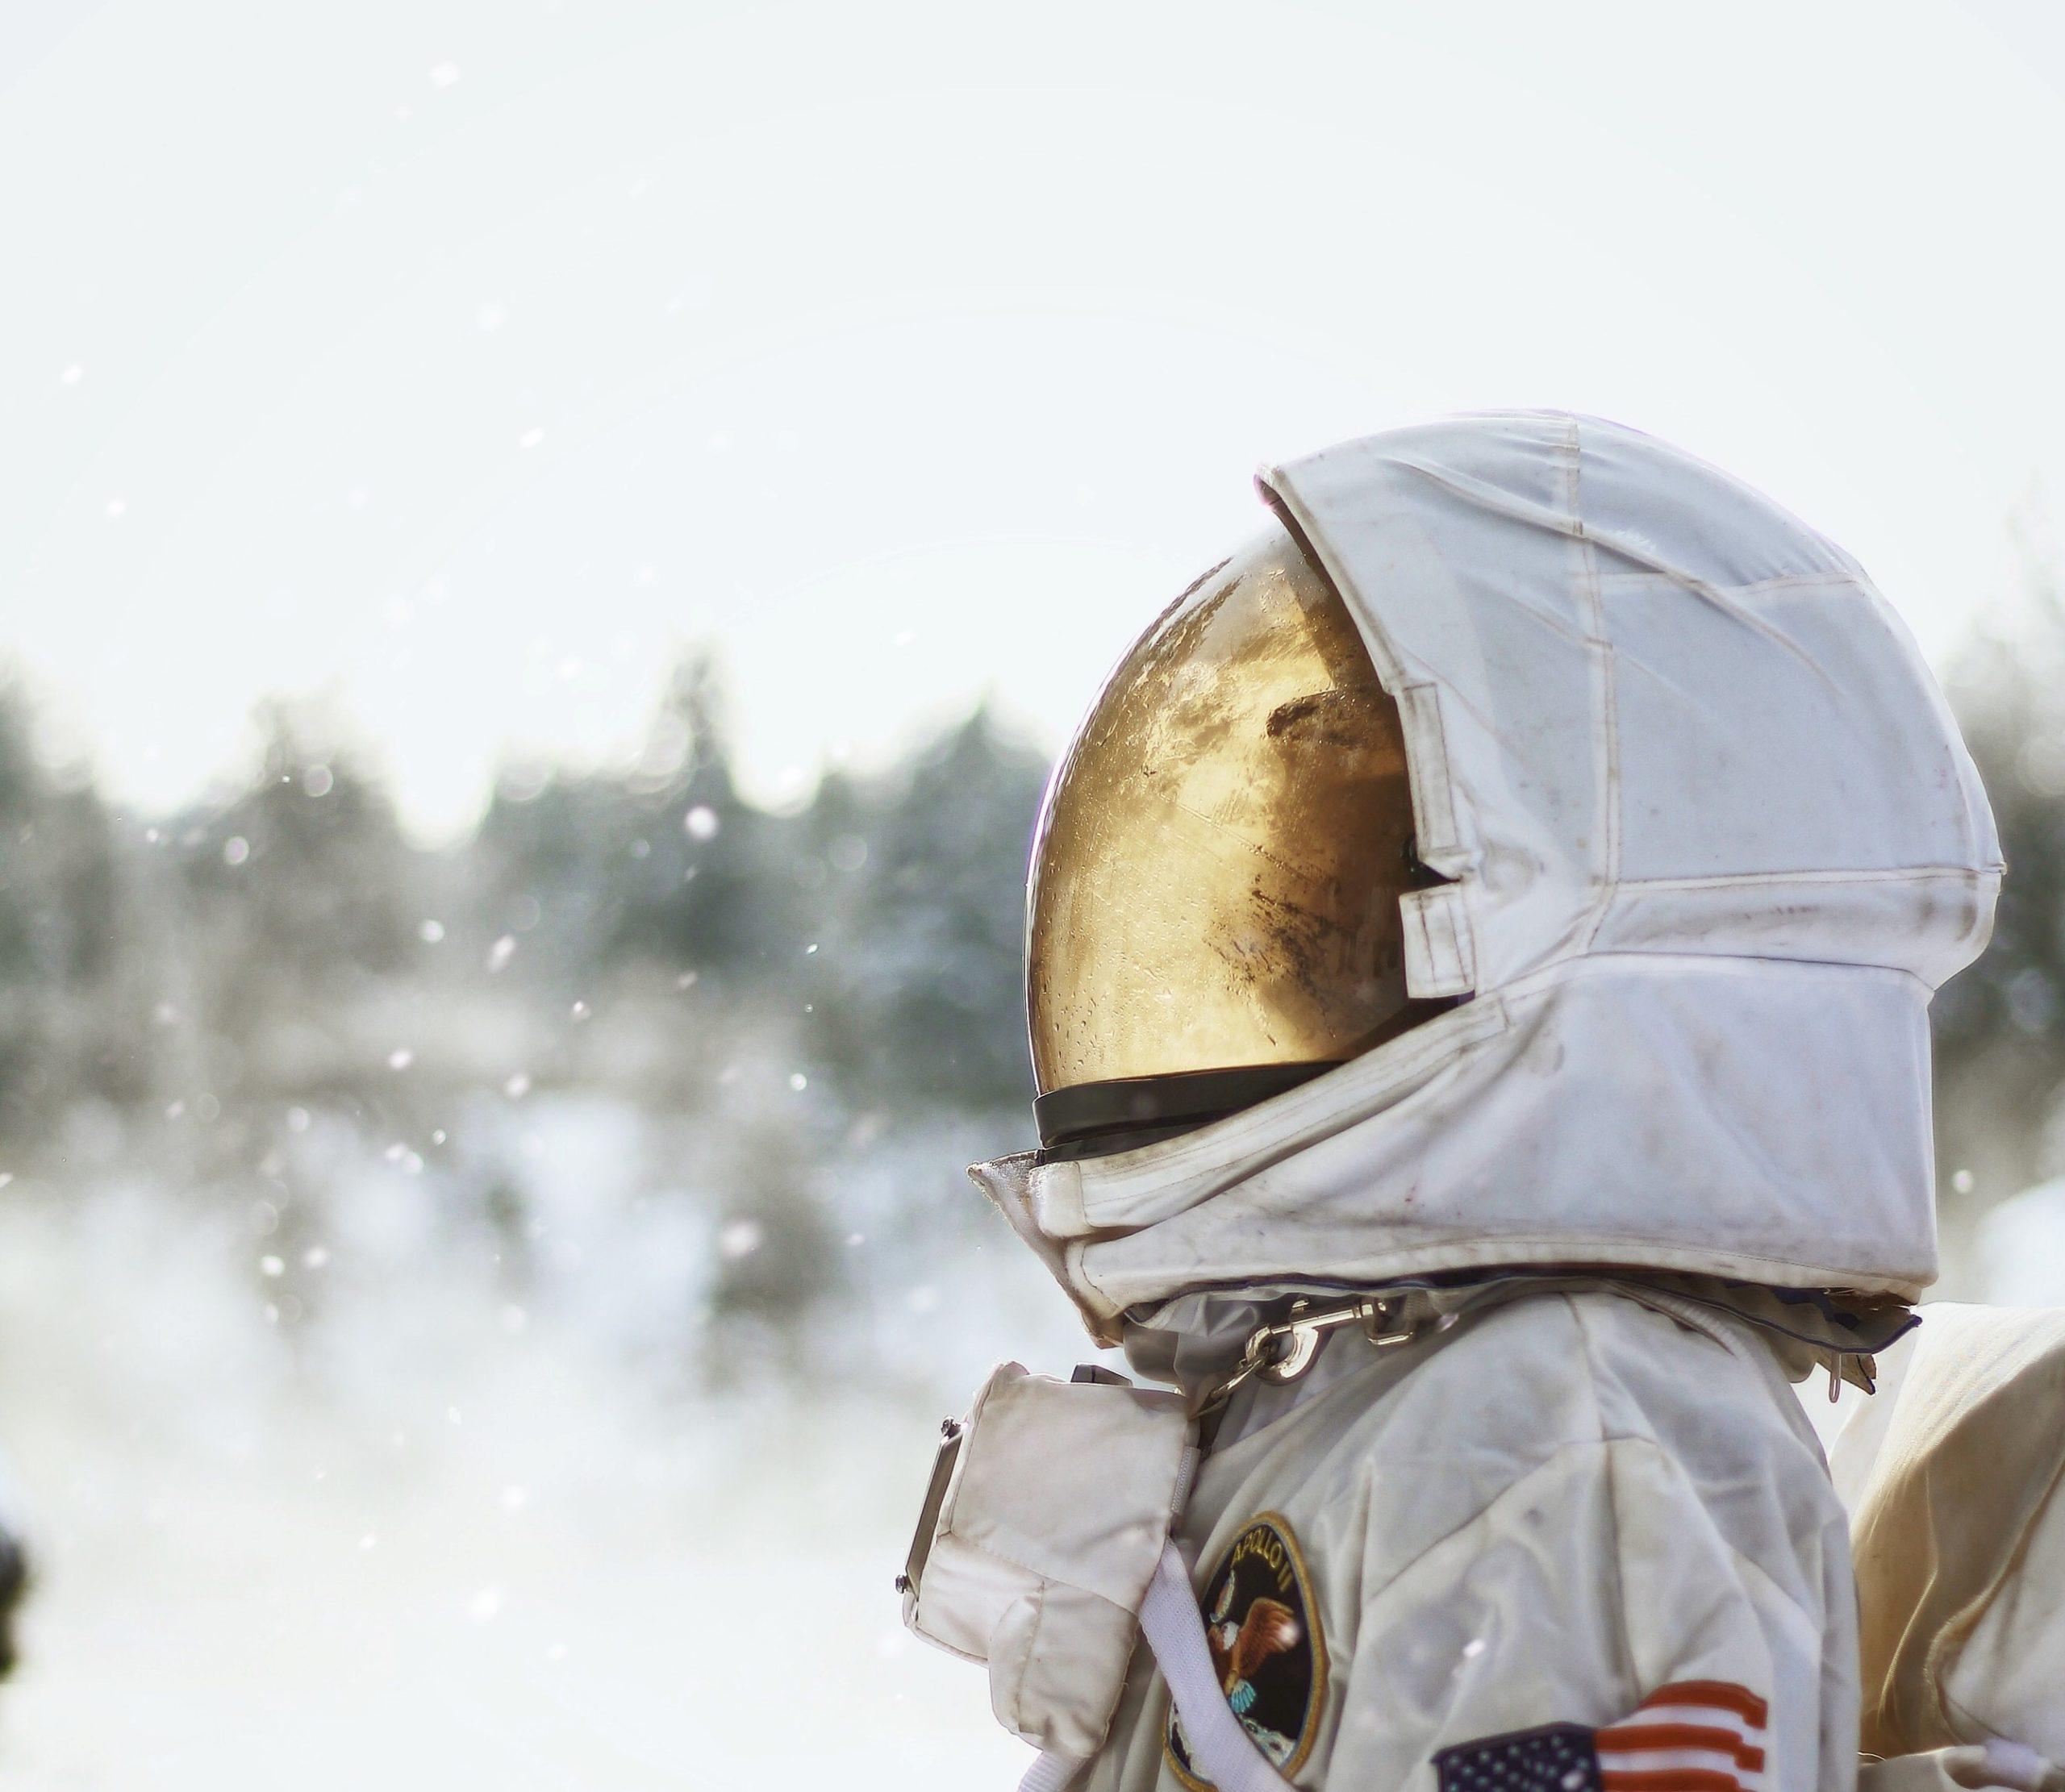 La Agencia Espacial Europea convoca por primera vez plazas para astronautas con discapacidad física